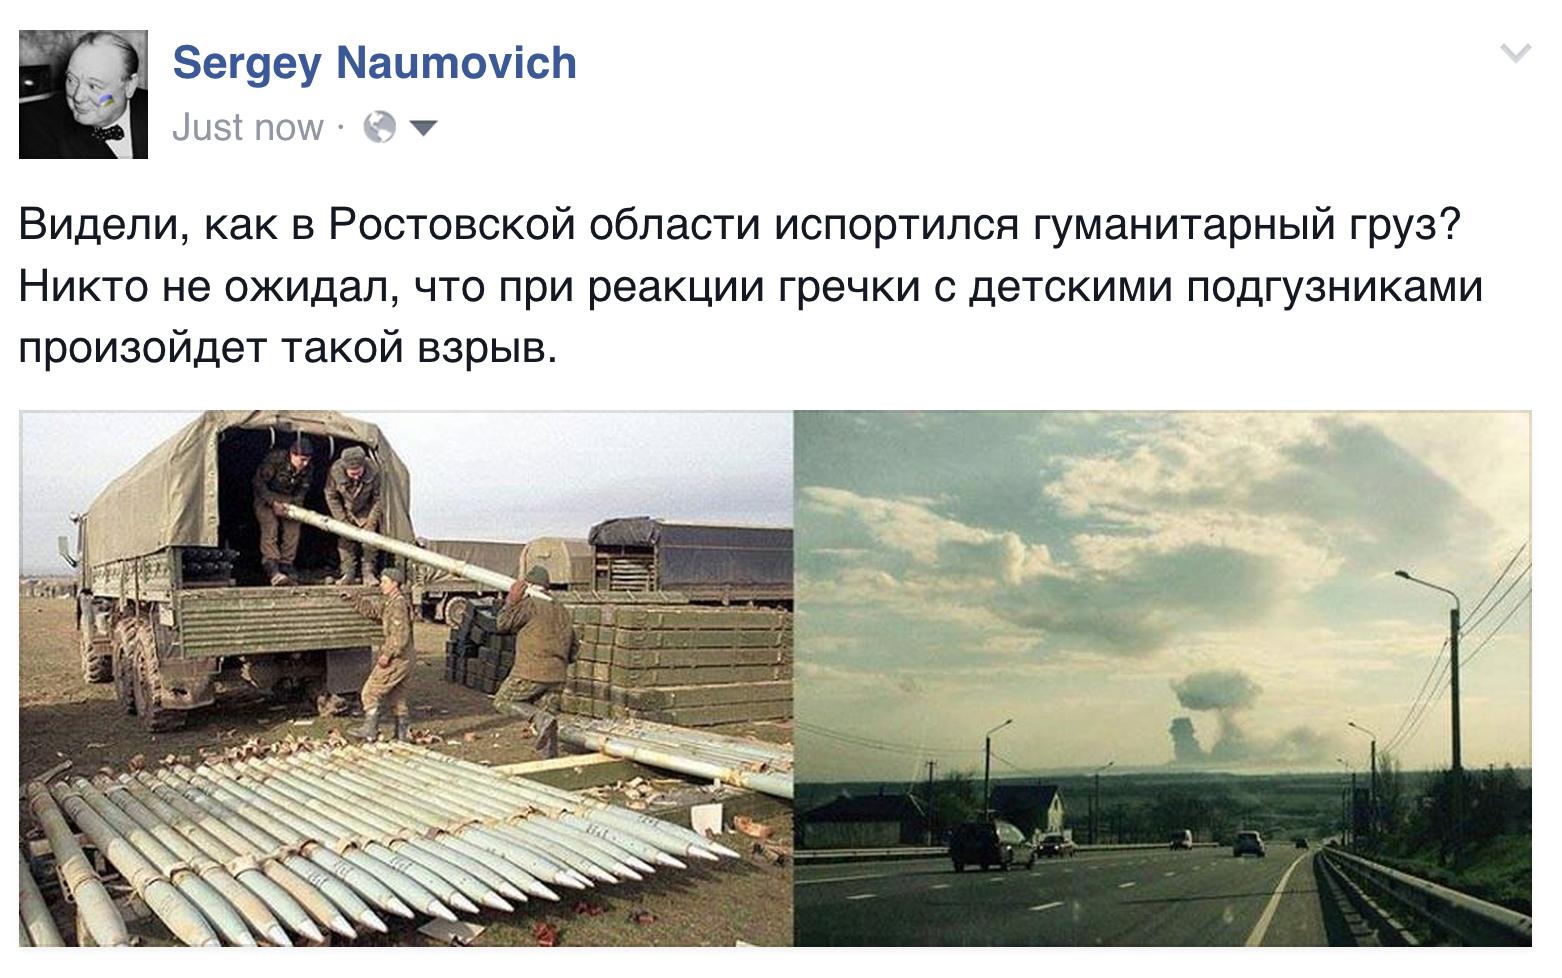 Ситуация на Донбассе остается неспокойной. Дважды из минометов обстреляны Опытное и Пески, - пресс-центр АТО - Цензор.НЕТ 3265